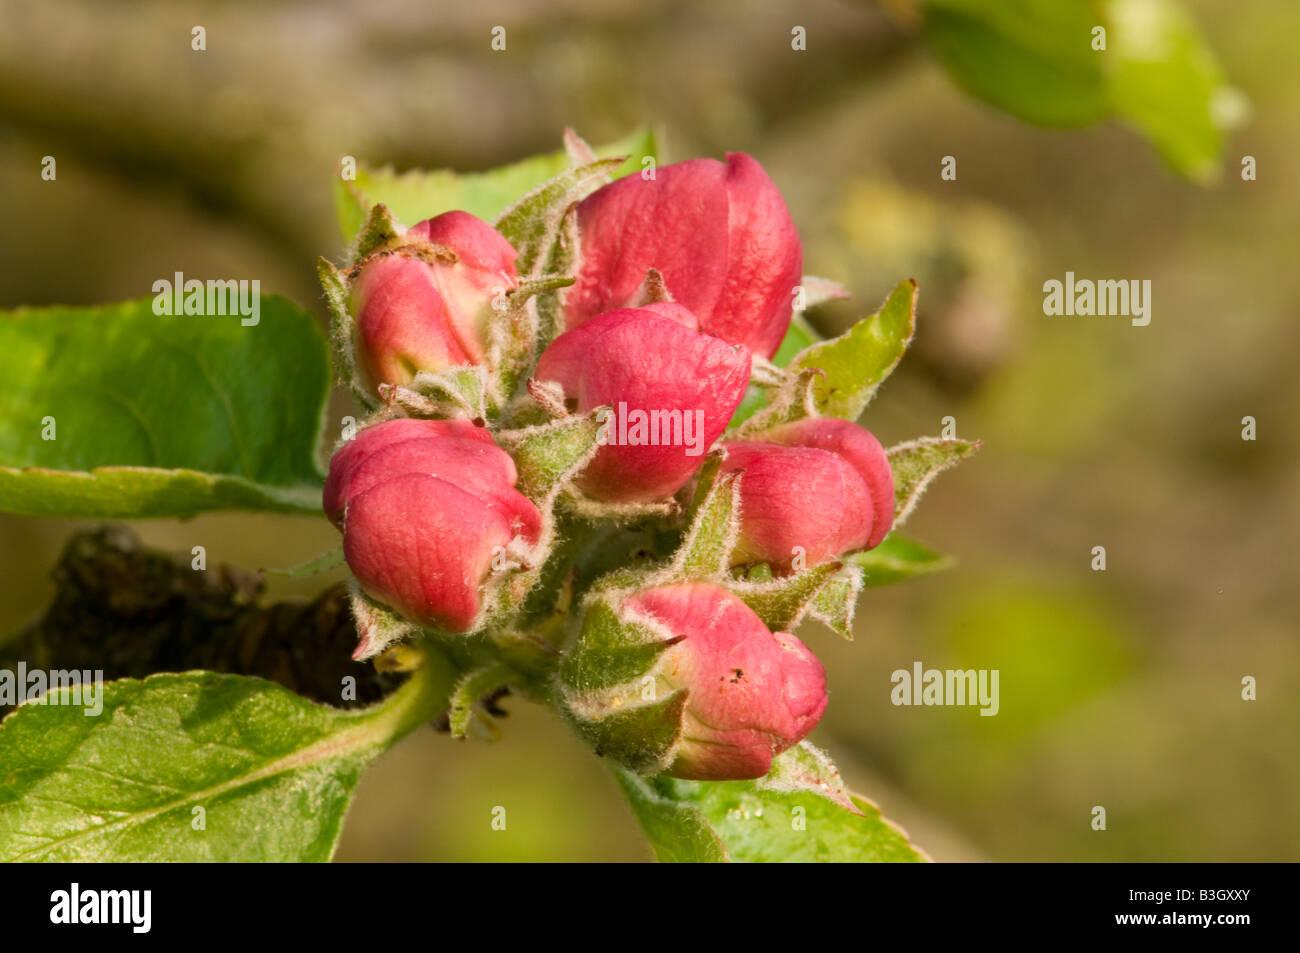 Apple blossom, bramley seedling. Stock Photo